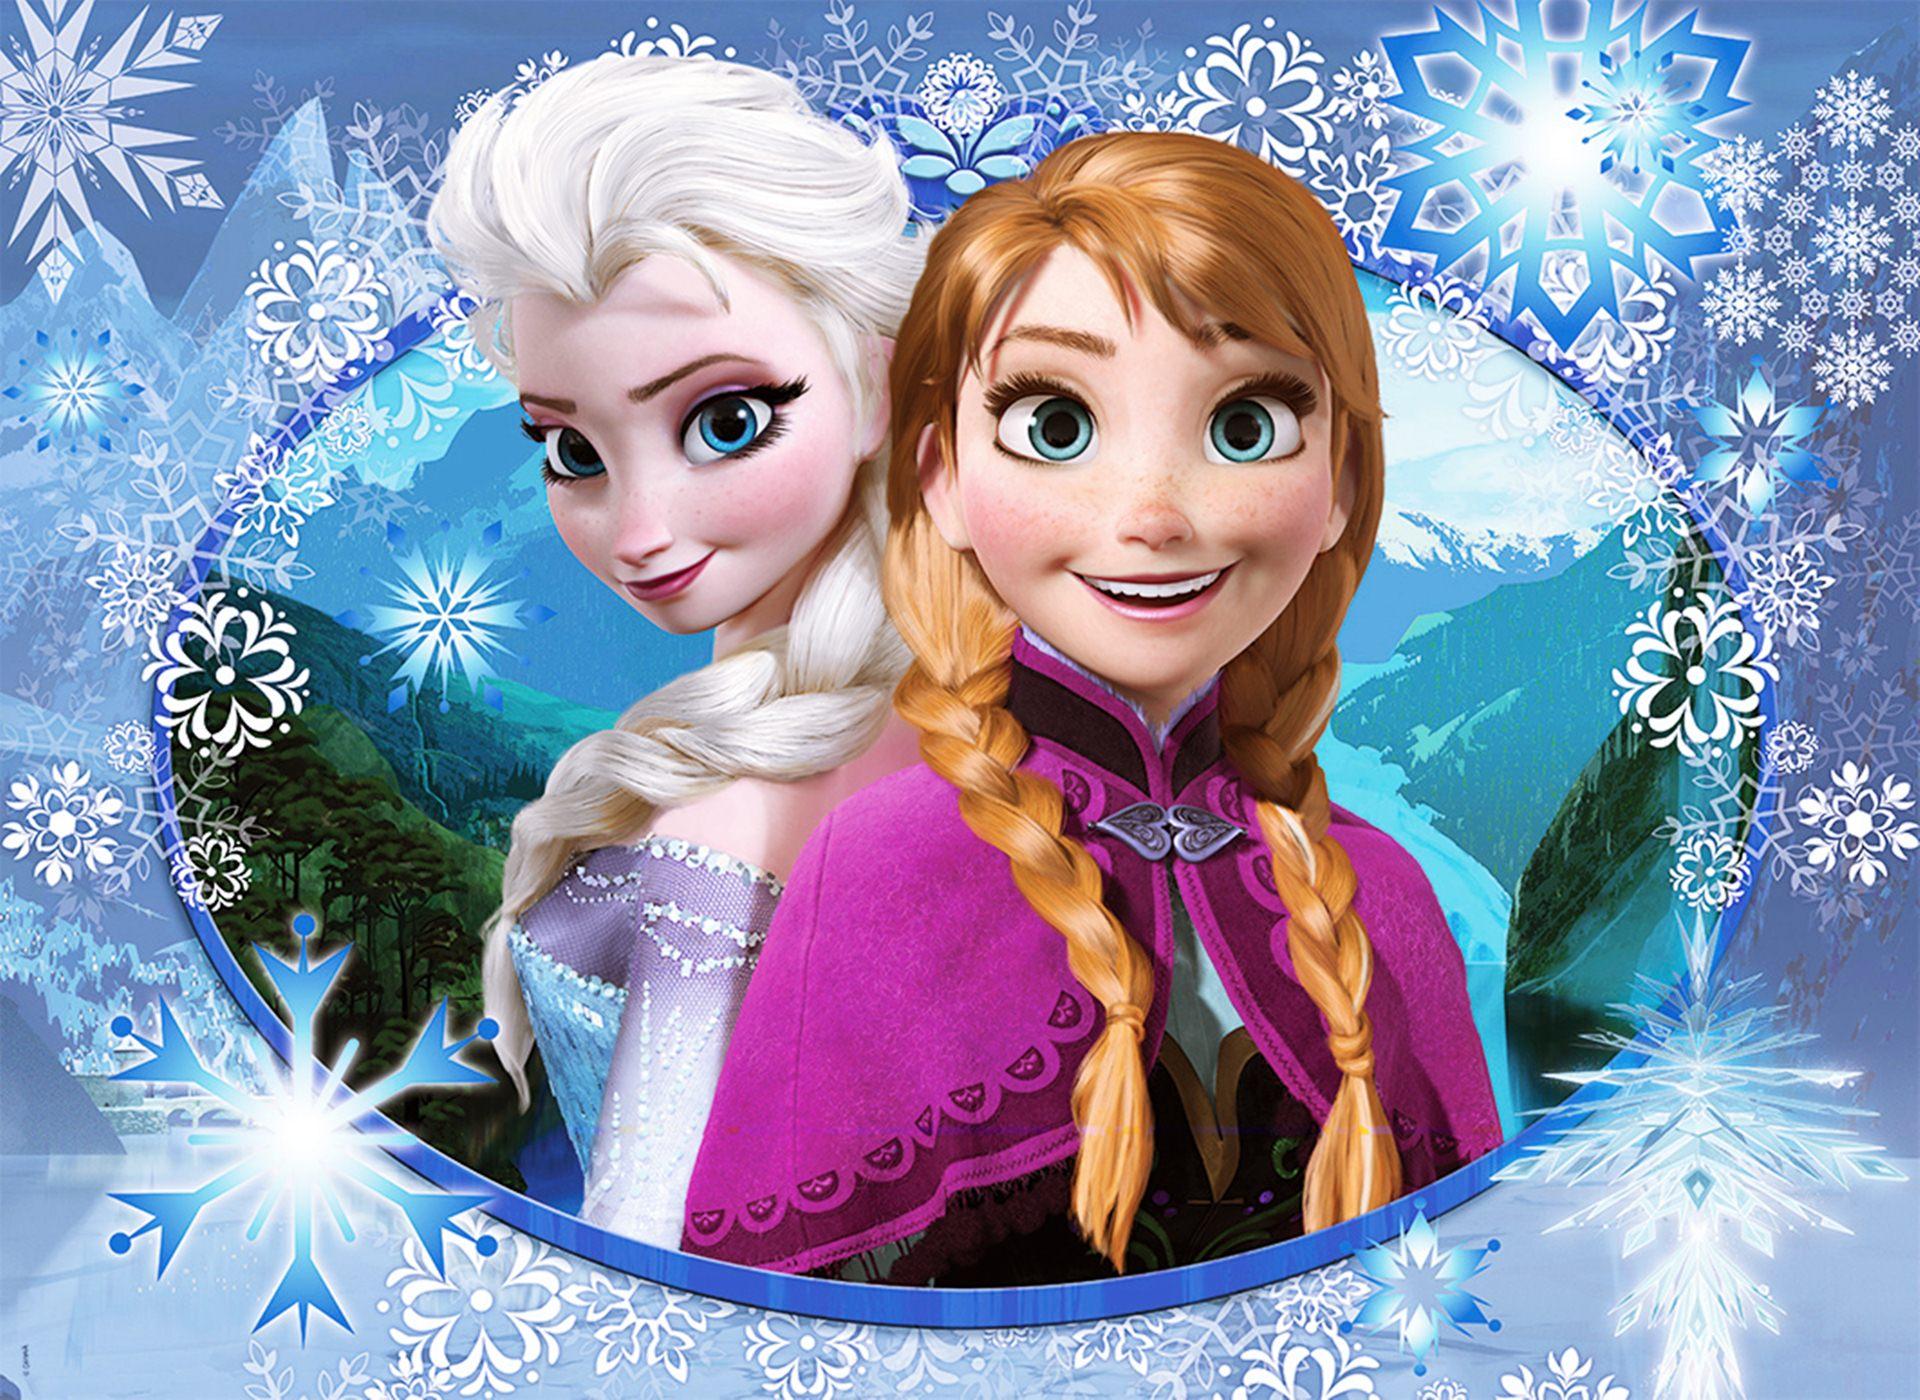 Anna Frozen Wallpapers WallpapersInk Best Ideas About Elsa Wallpaper Iphone And 1920x1400